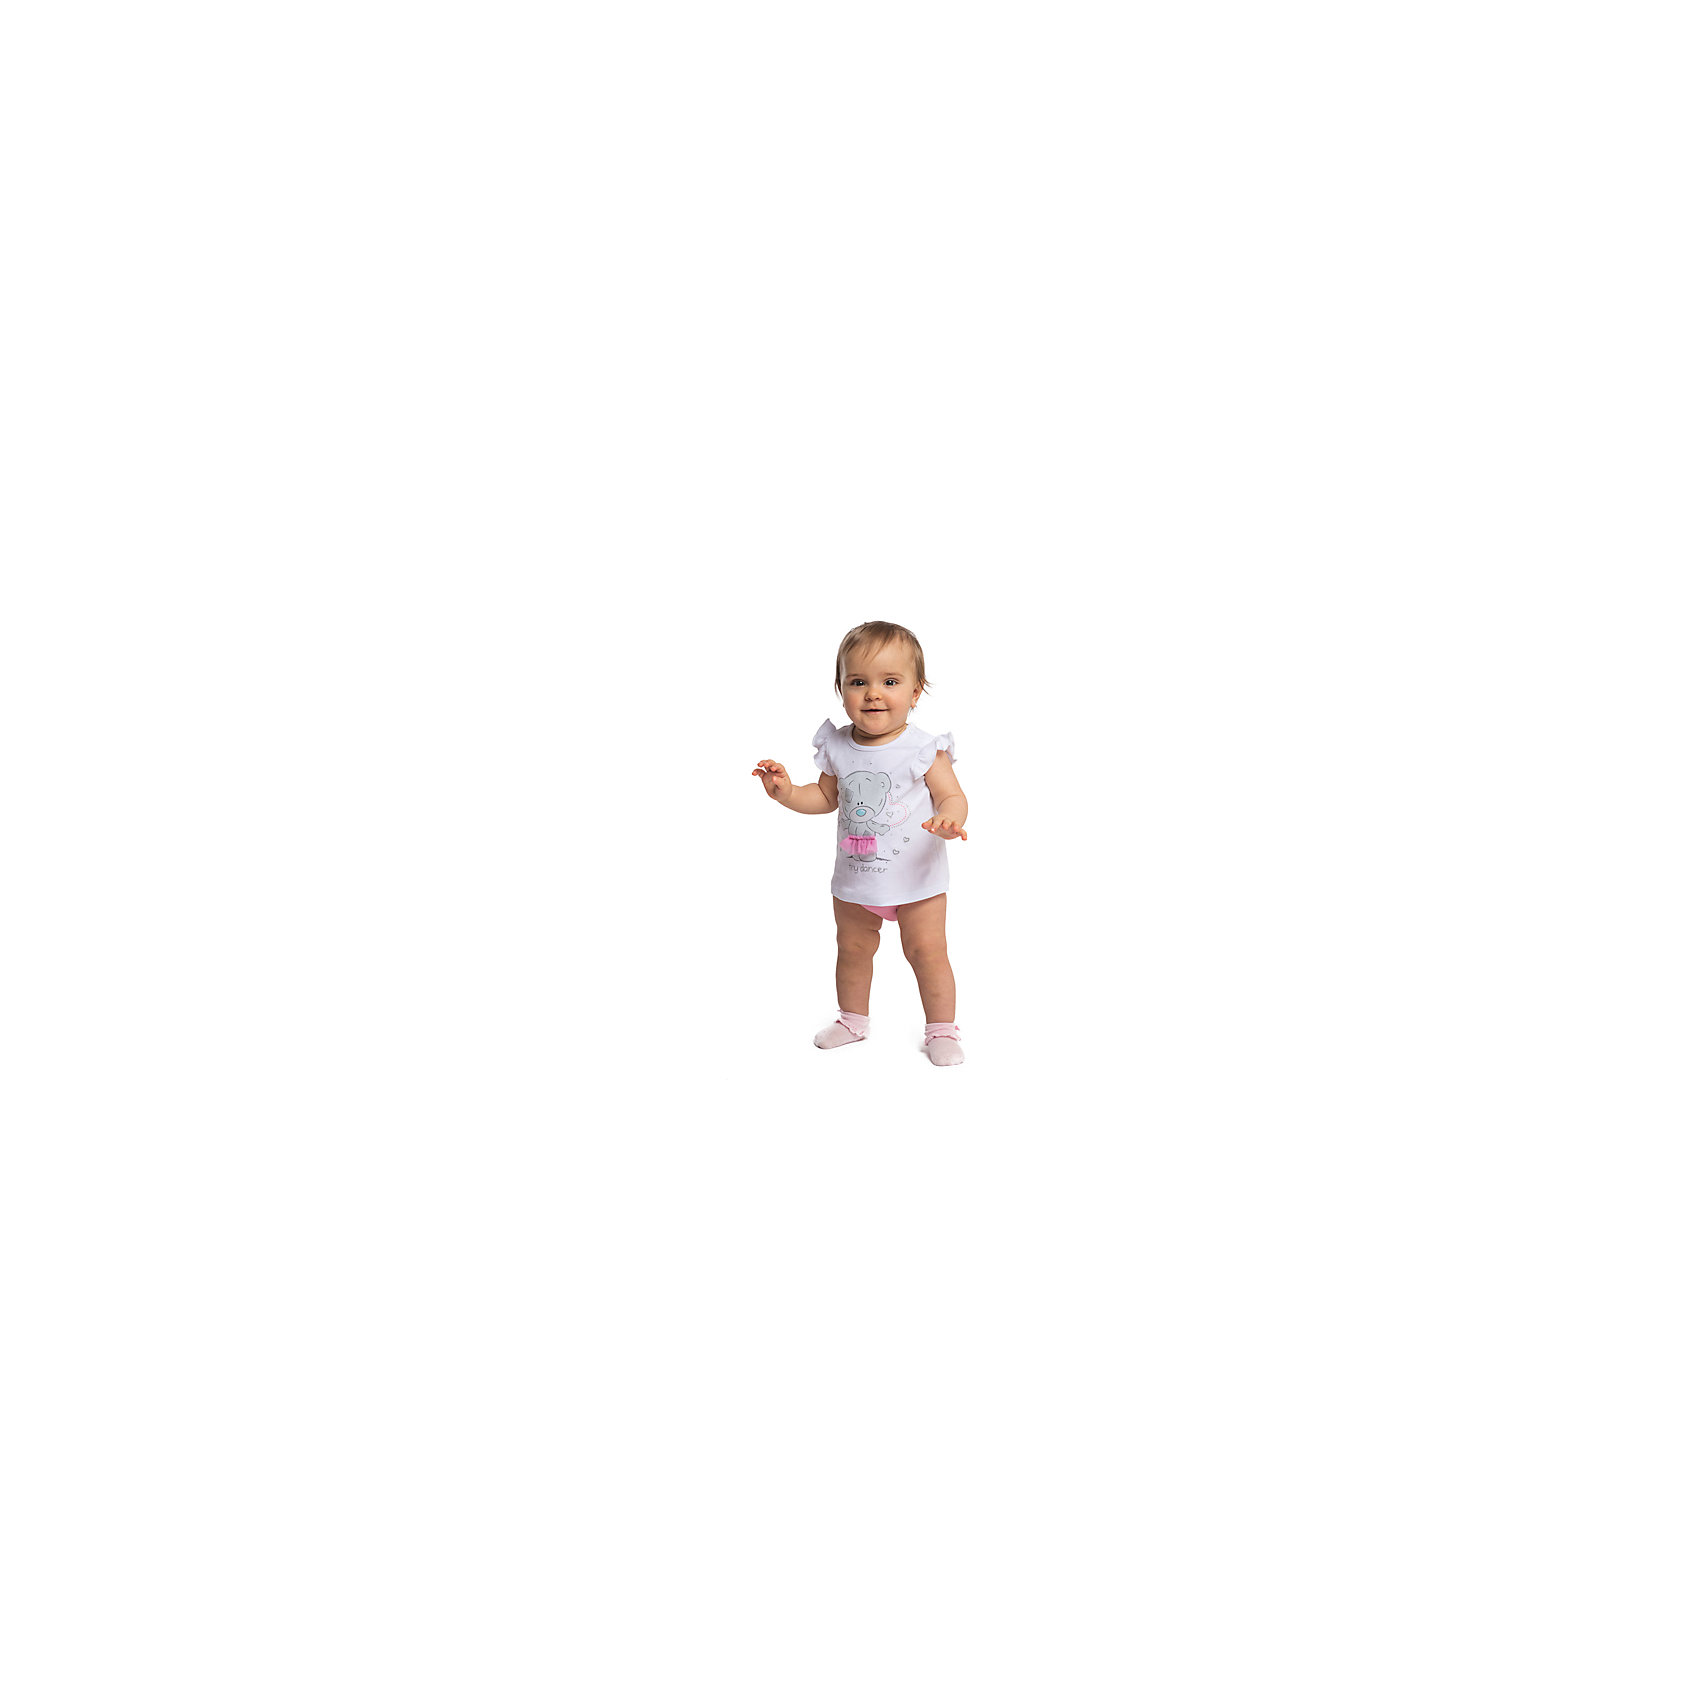 Комплект для девочки PlayTodayКомплекты<br>Комплект для девочки PlayToday<br>Комплект из майки и трусов выполнен из натурального материала, приятен к телу и не вызывает раздражений нежной детской кожи. Материал хорошо вентилируется. Майка на широких бретелях, дополнена легкими оборками в пройме, что создает эффект крылышек, декорировна нежной аппликацией. Широкая резинка на трусах не сдавливает живот ребенка. Для удобства одевания - снимания на горловине майка снабжена двумя застежками - кнопками.Преимущества: Натуральный материал не раздражает нежную детскую кожу, хорошо вентилируетсяАккуратные швы не вызывают неприятных ощущений<br>Состав:<br>100% хлопок<br><br>Ширина мм: 157<br>Глубина мм: 13<br>Высота мм: 119<br>Вес г: 200<br>Цвет: белый<br>Возраст от месяцев: 6<br>Возраст до месяцев: 9<br>Пол: Женский<br>Возраст: Детский<br>Размер: 74,56,62,68<br>SKU: 5408596